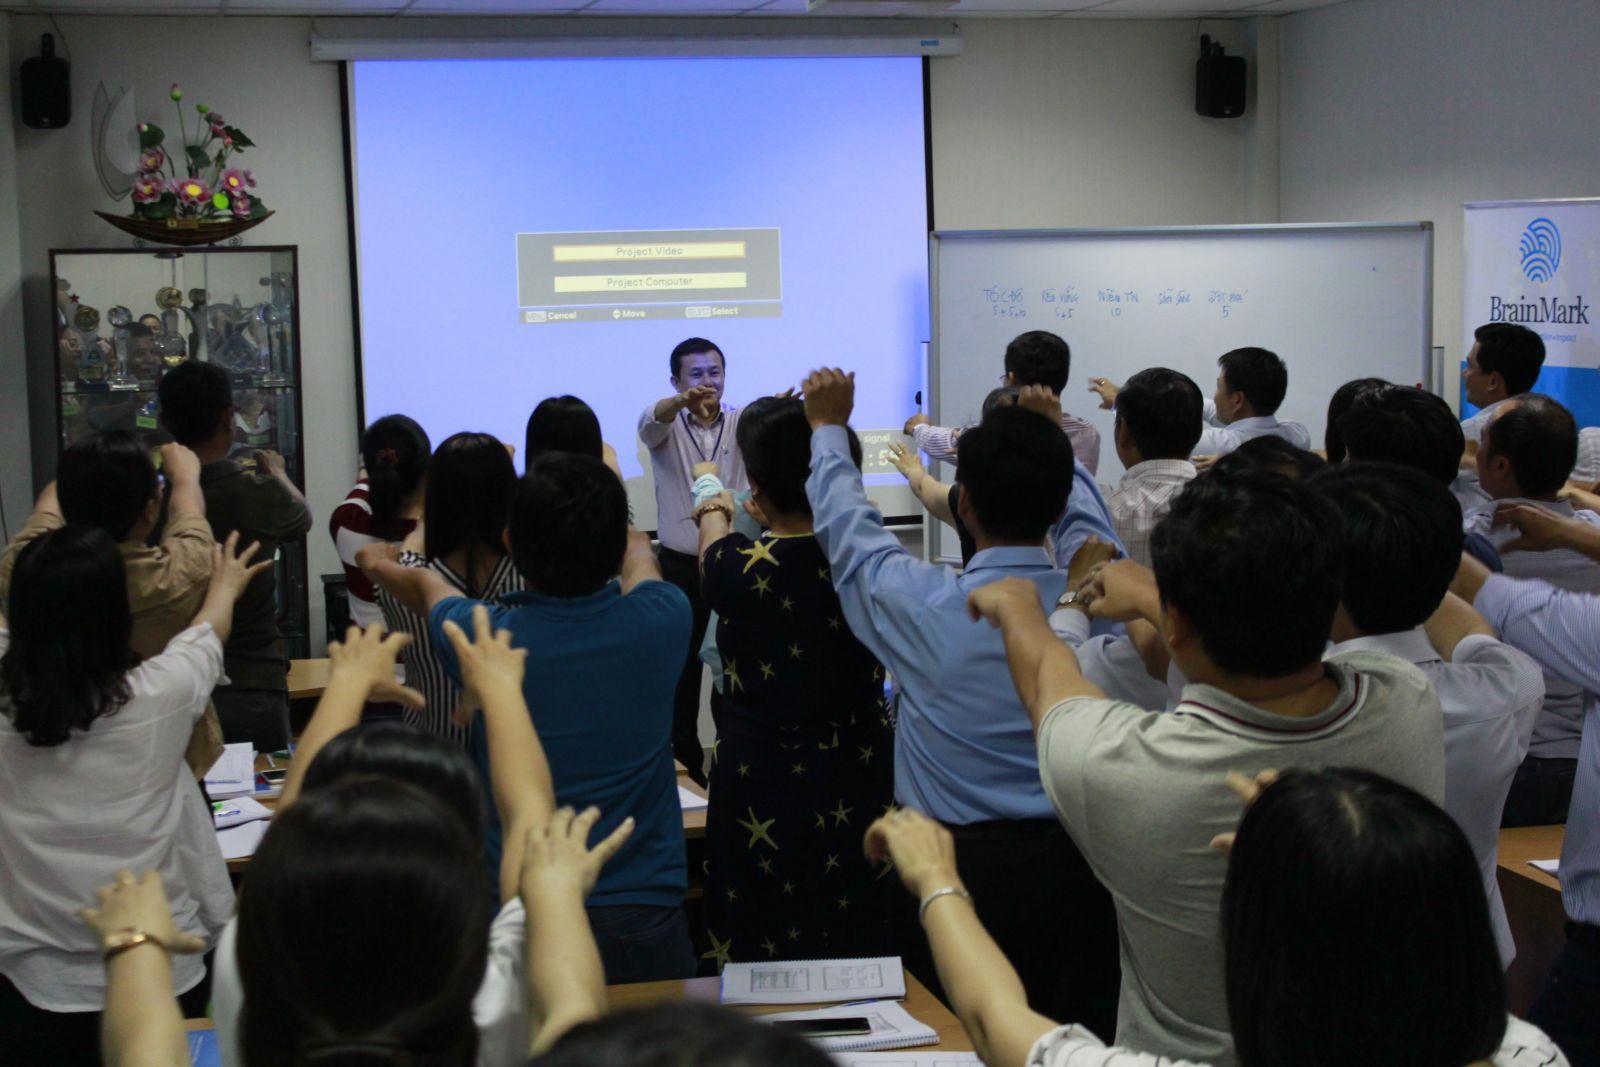 Đào tạo Kỹ năng lập kế hoạch dành cho cấp quản lý cho Saigon Food